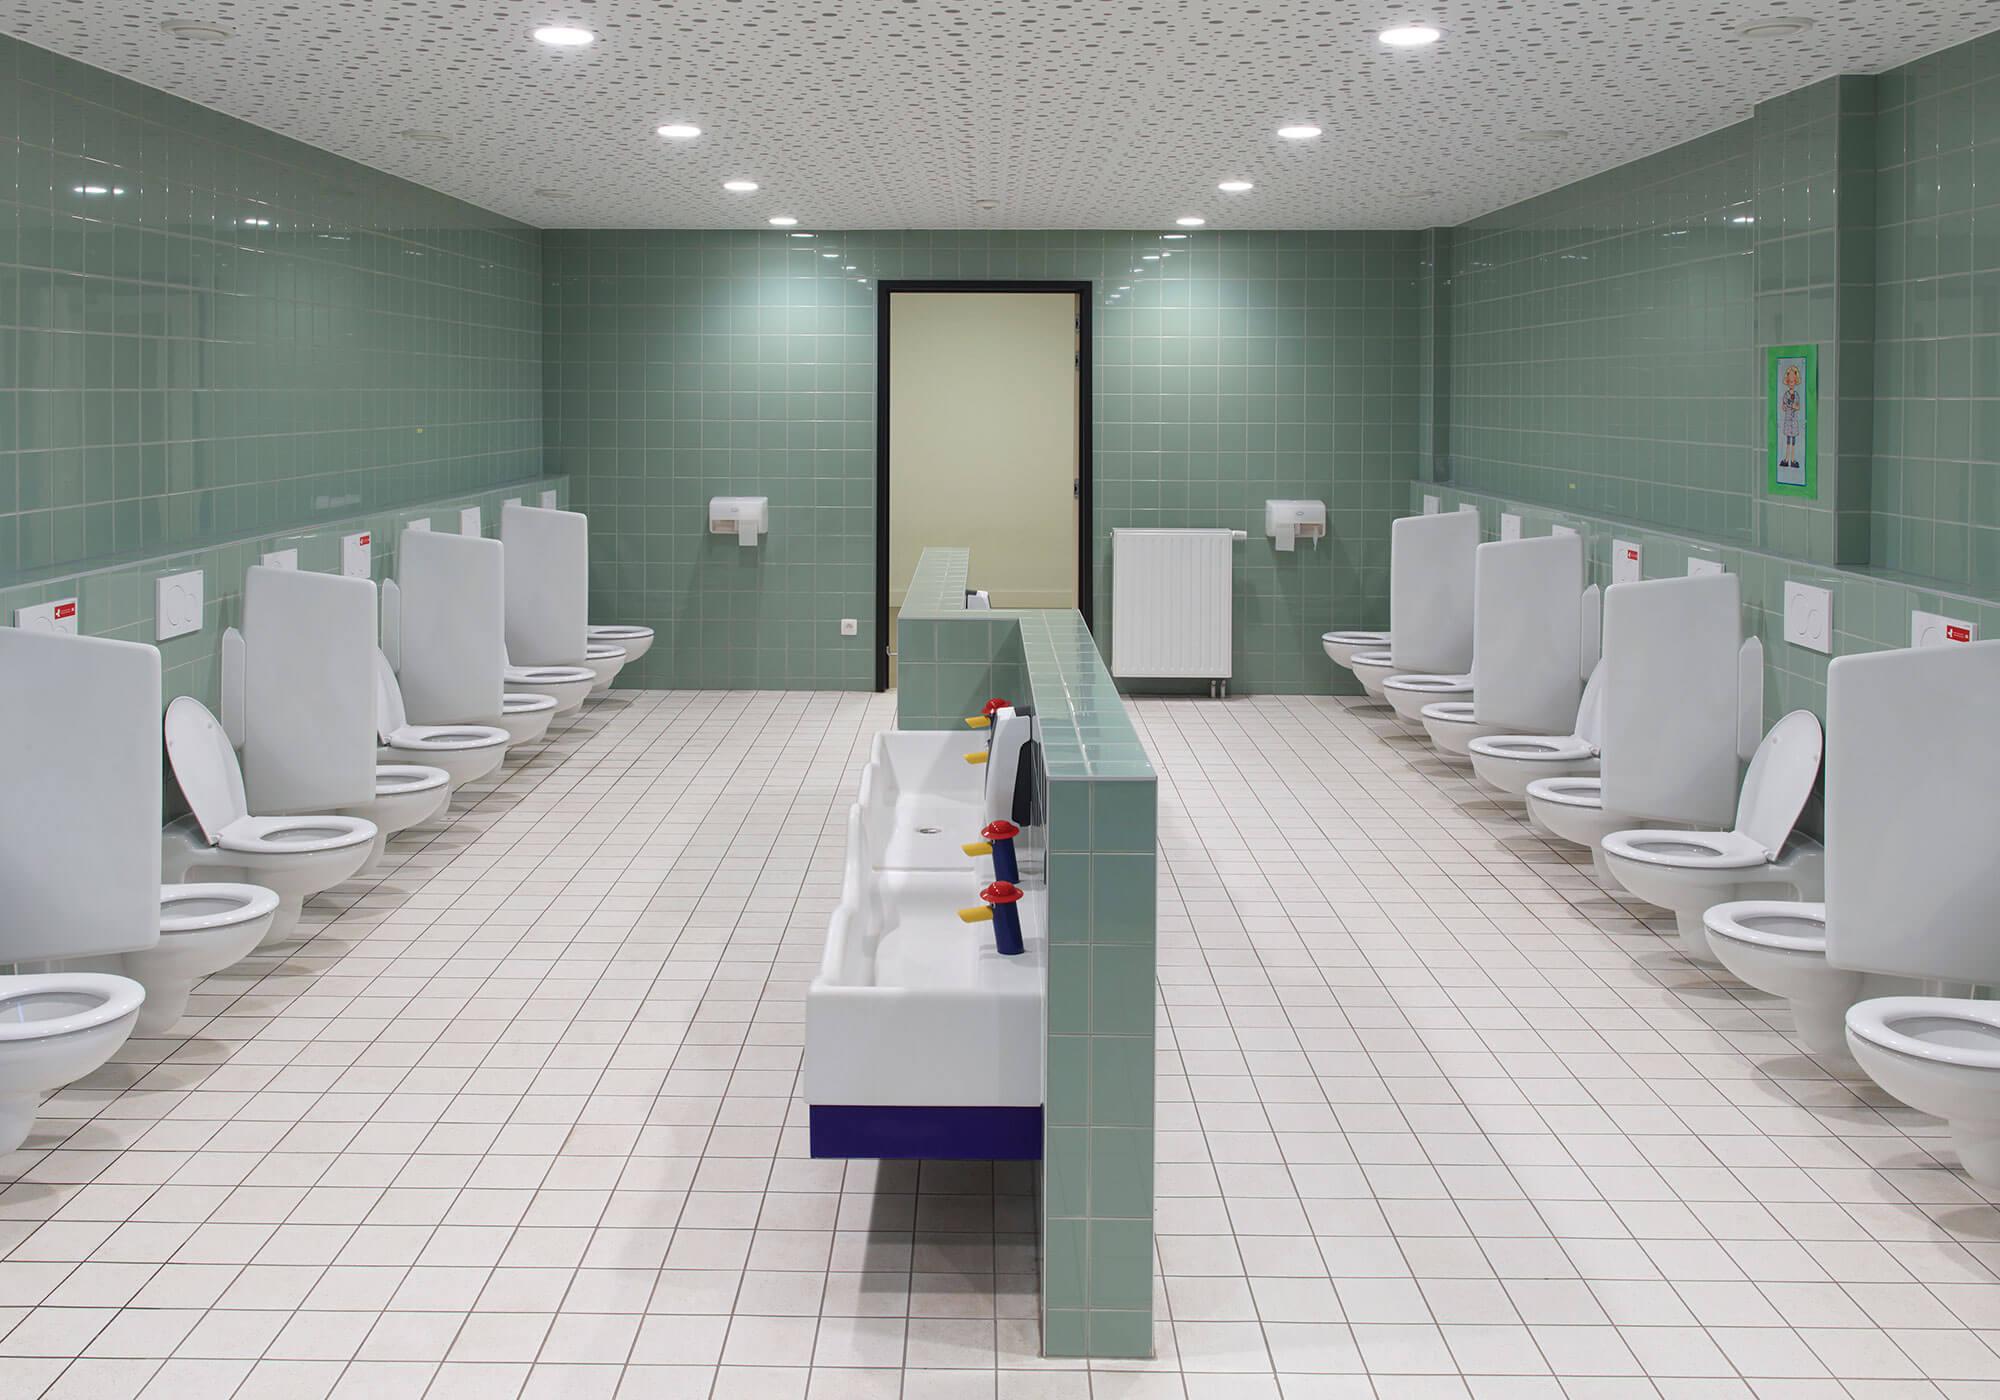 De toiletruimte, voorzien van kleuter-sanitair, zoals de kraan en spoelbakken van Geberit.